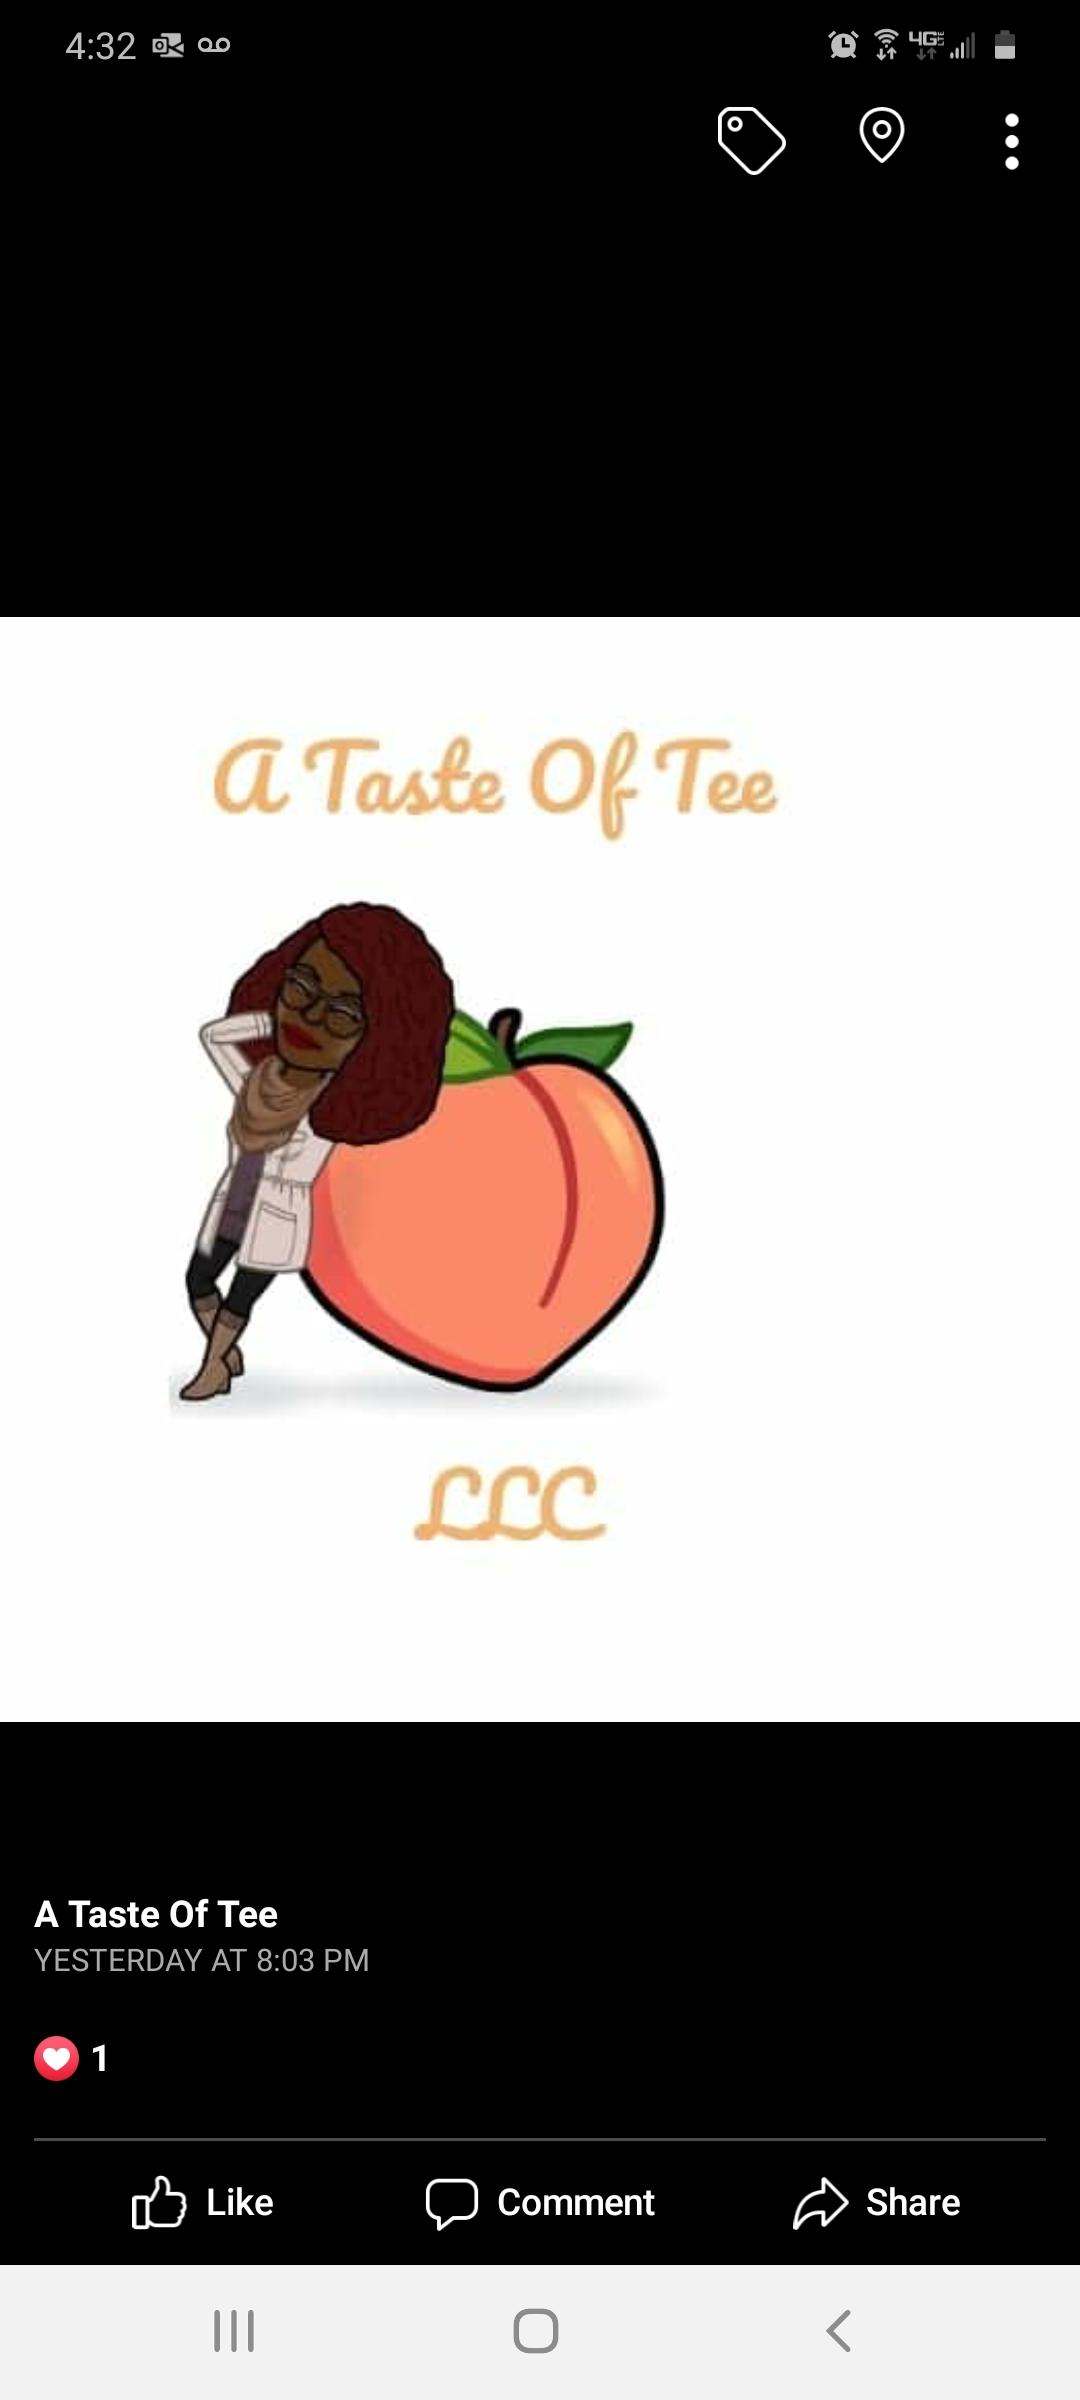 A Taste Of Tee LLC